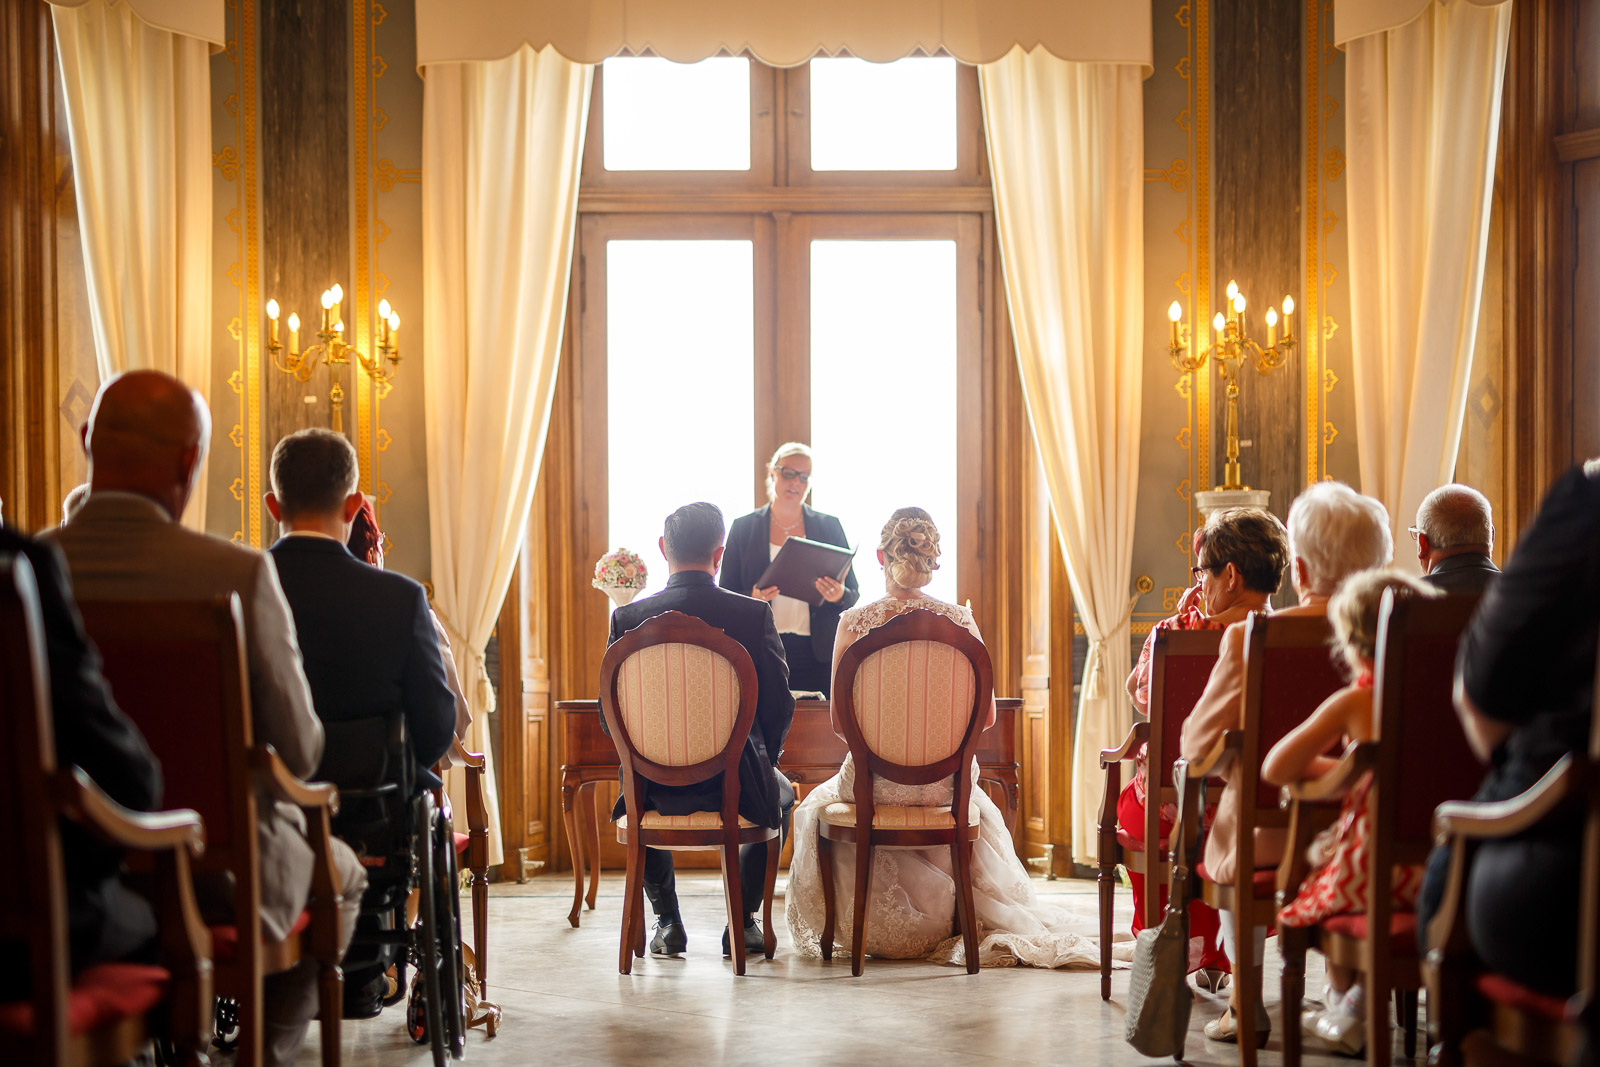 Hochzeitsfotograf Dresden Schloss Albrechtsberg - newpic.eu by Toni Kretschmer